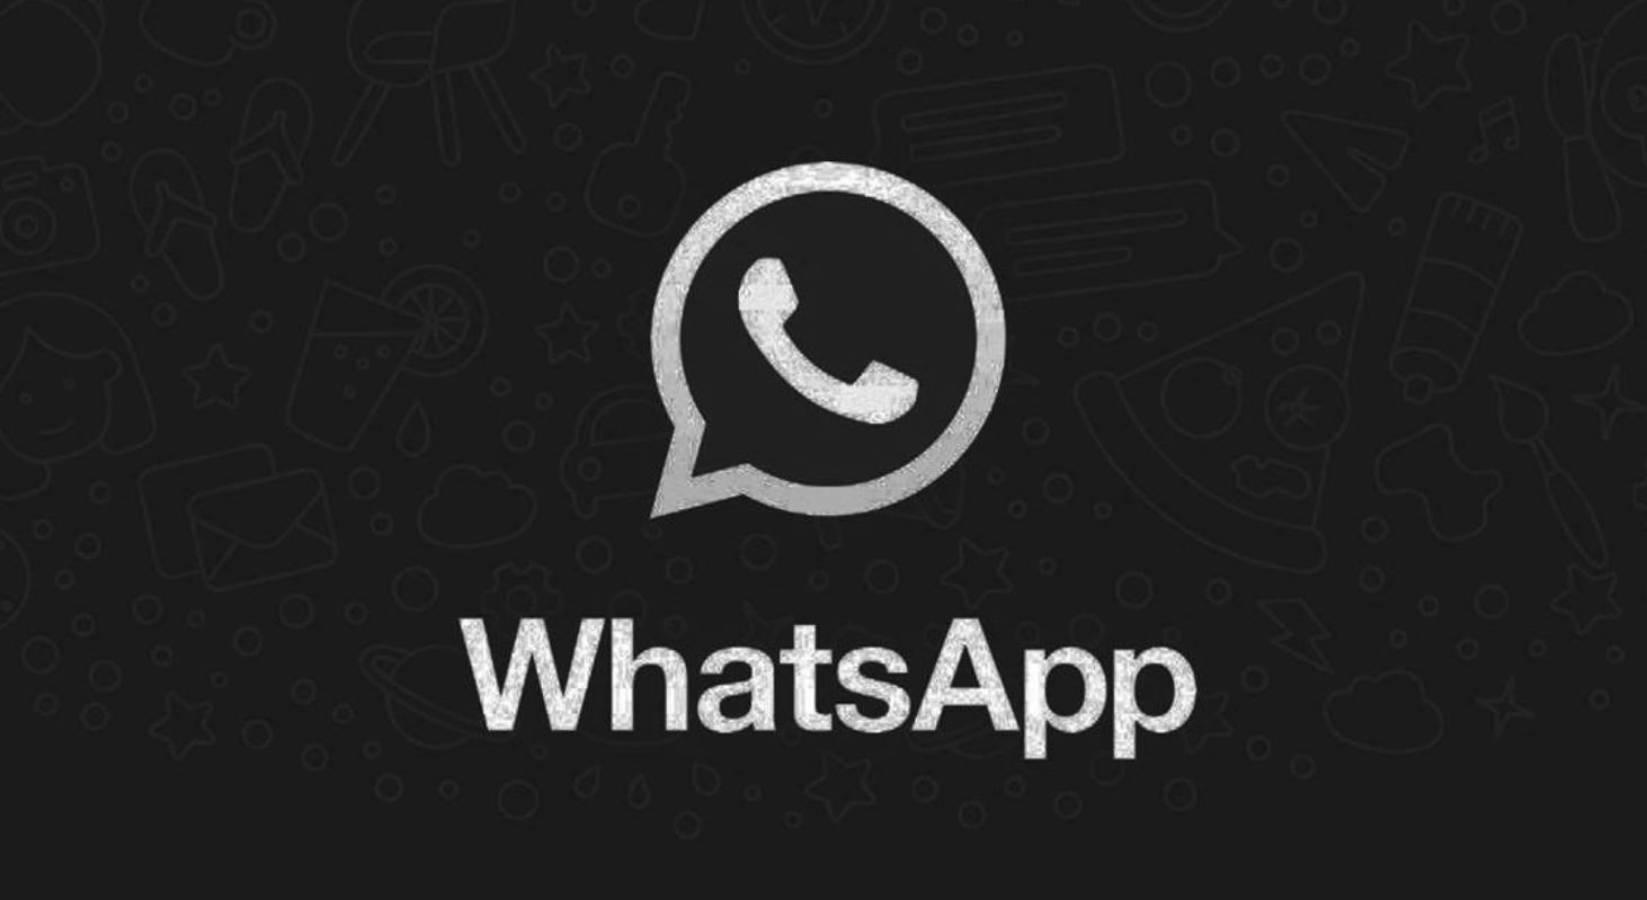 WhatsApp culori DARK MODE